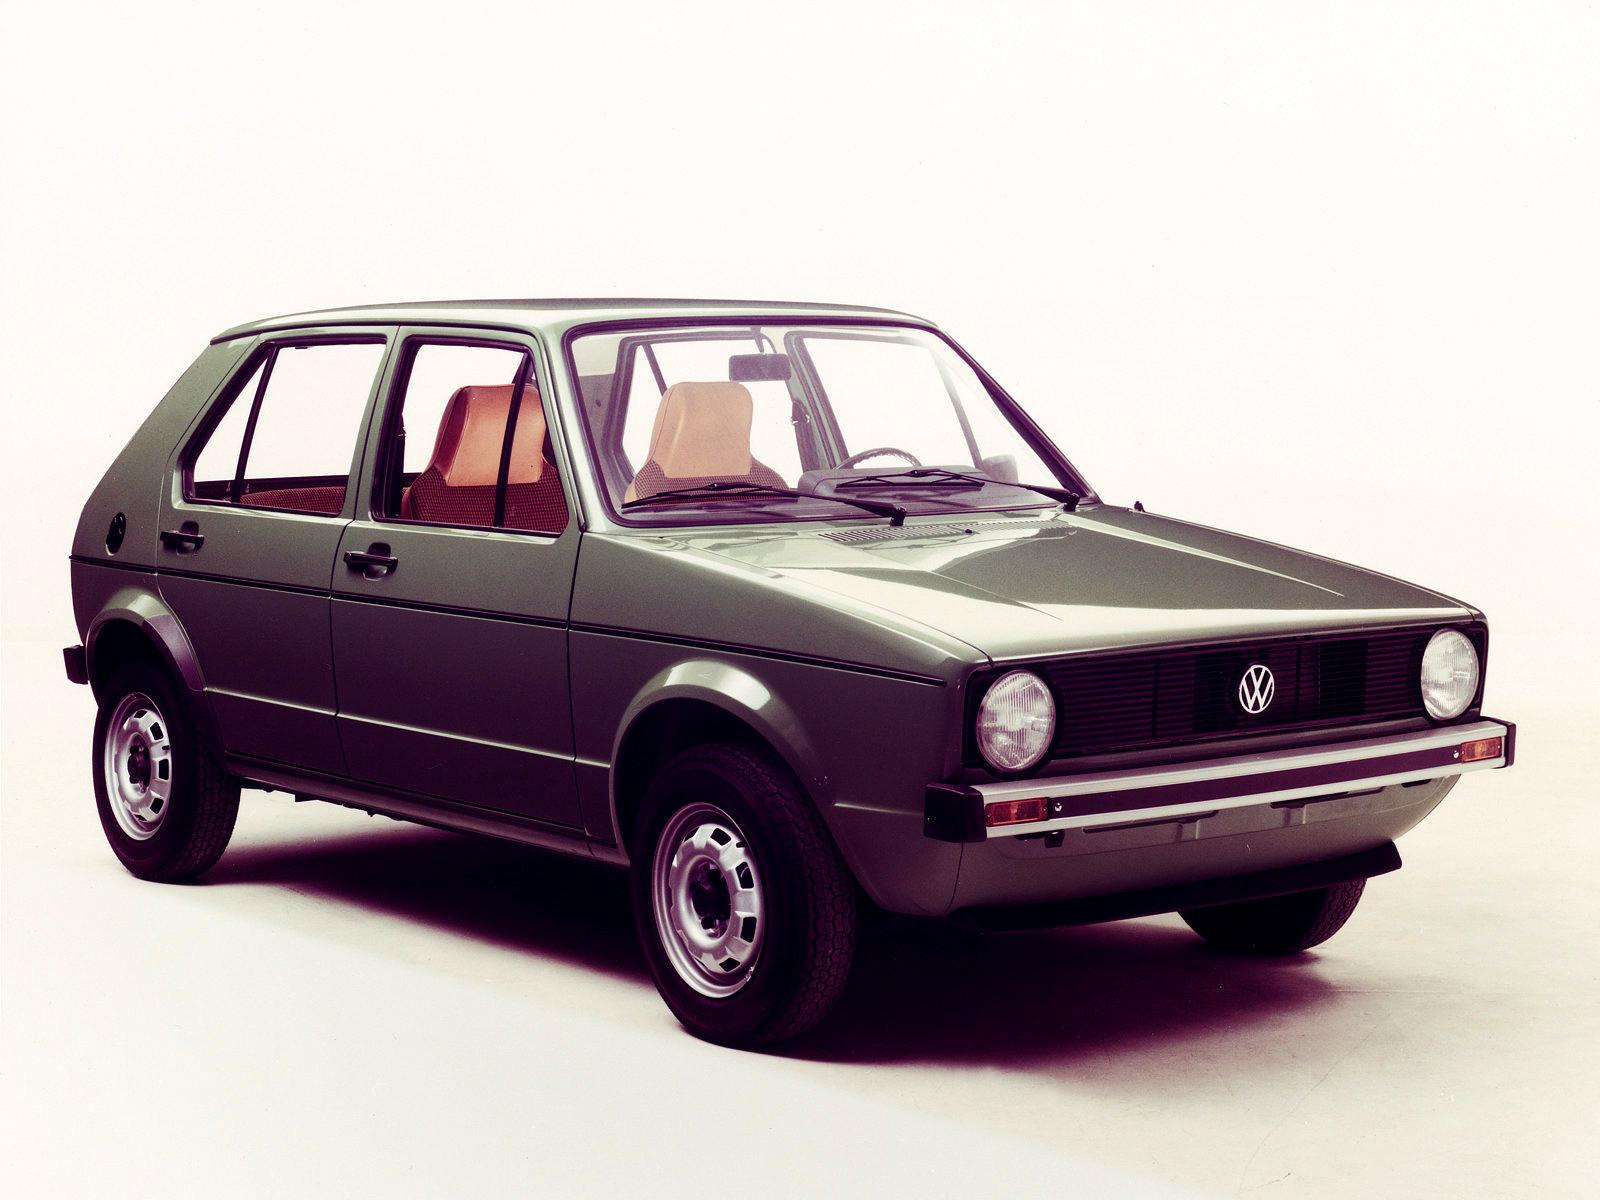 Foto de Volkswagen Golf MK1 - 1974 (13/15)